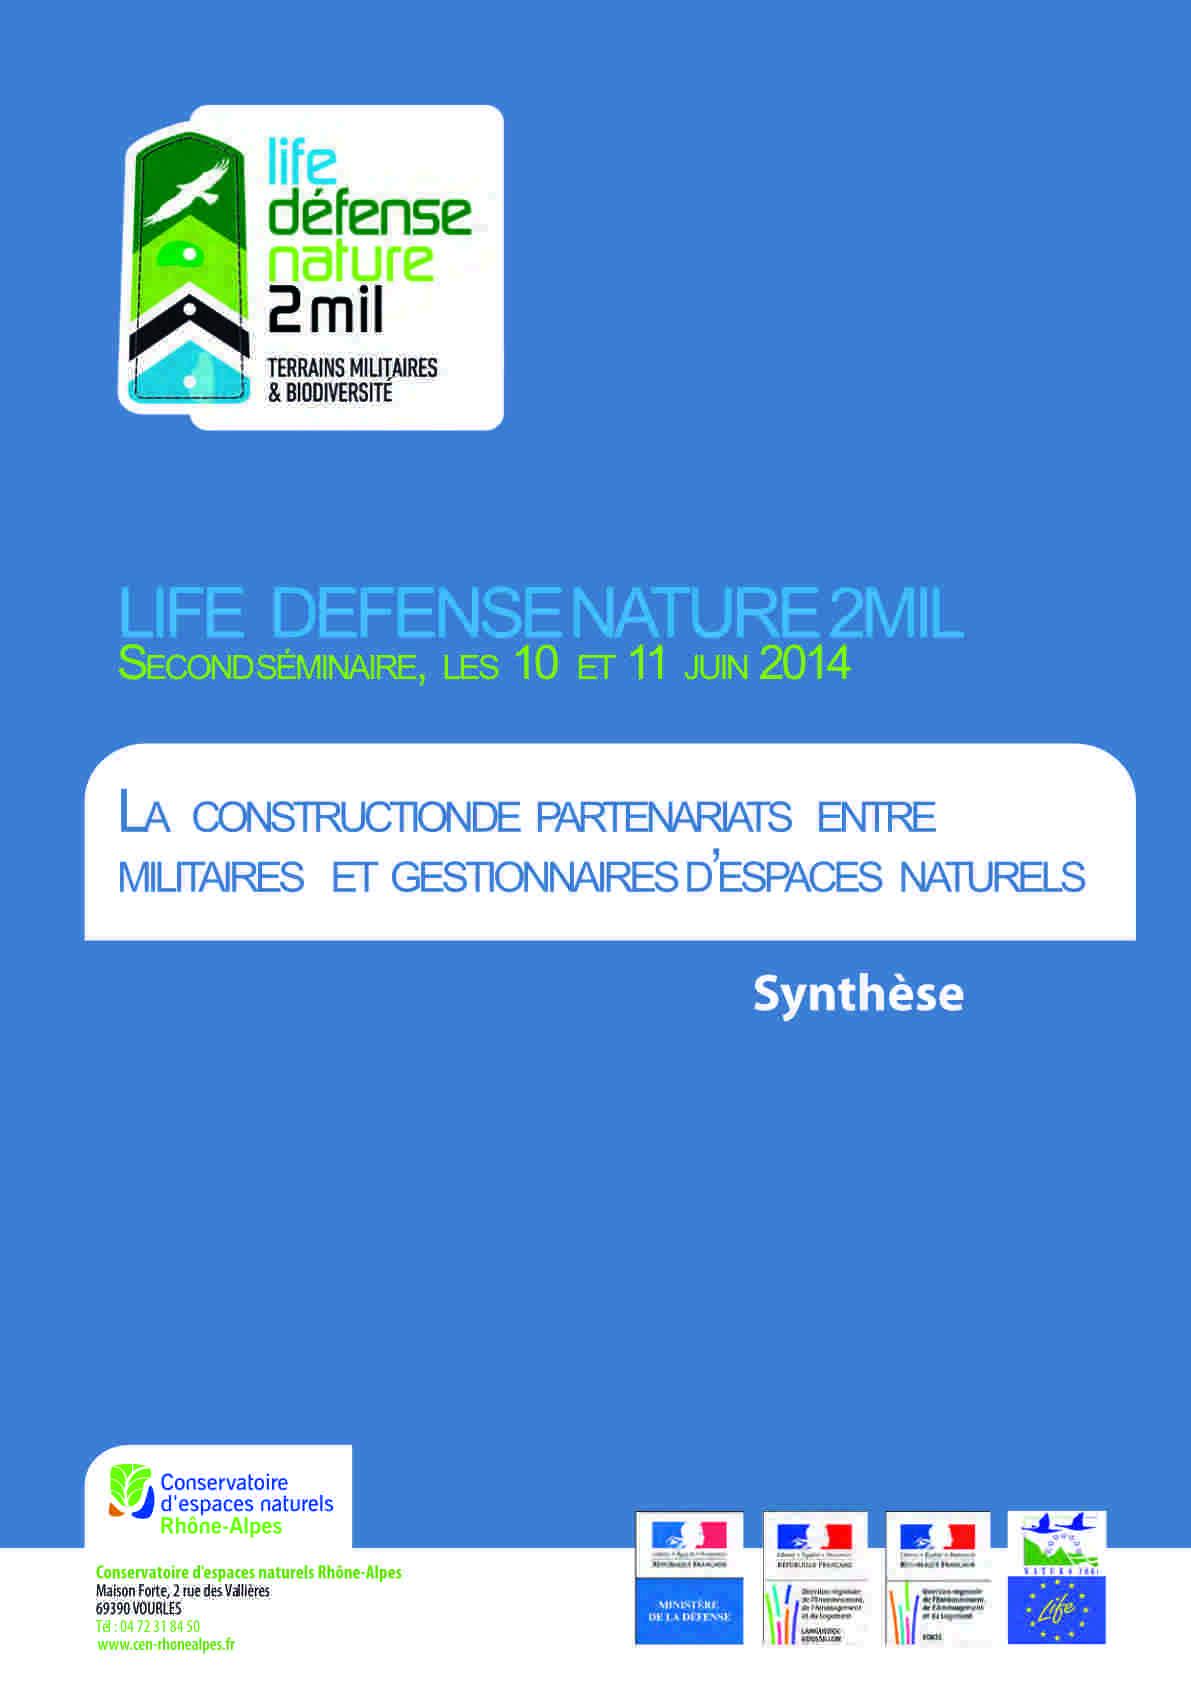 Synthèse du séminaire Life DefenseNature2Mil en 2014